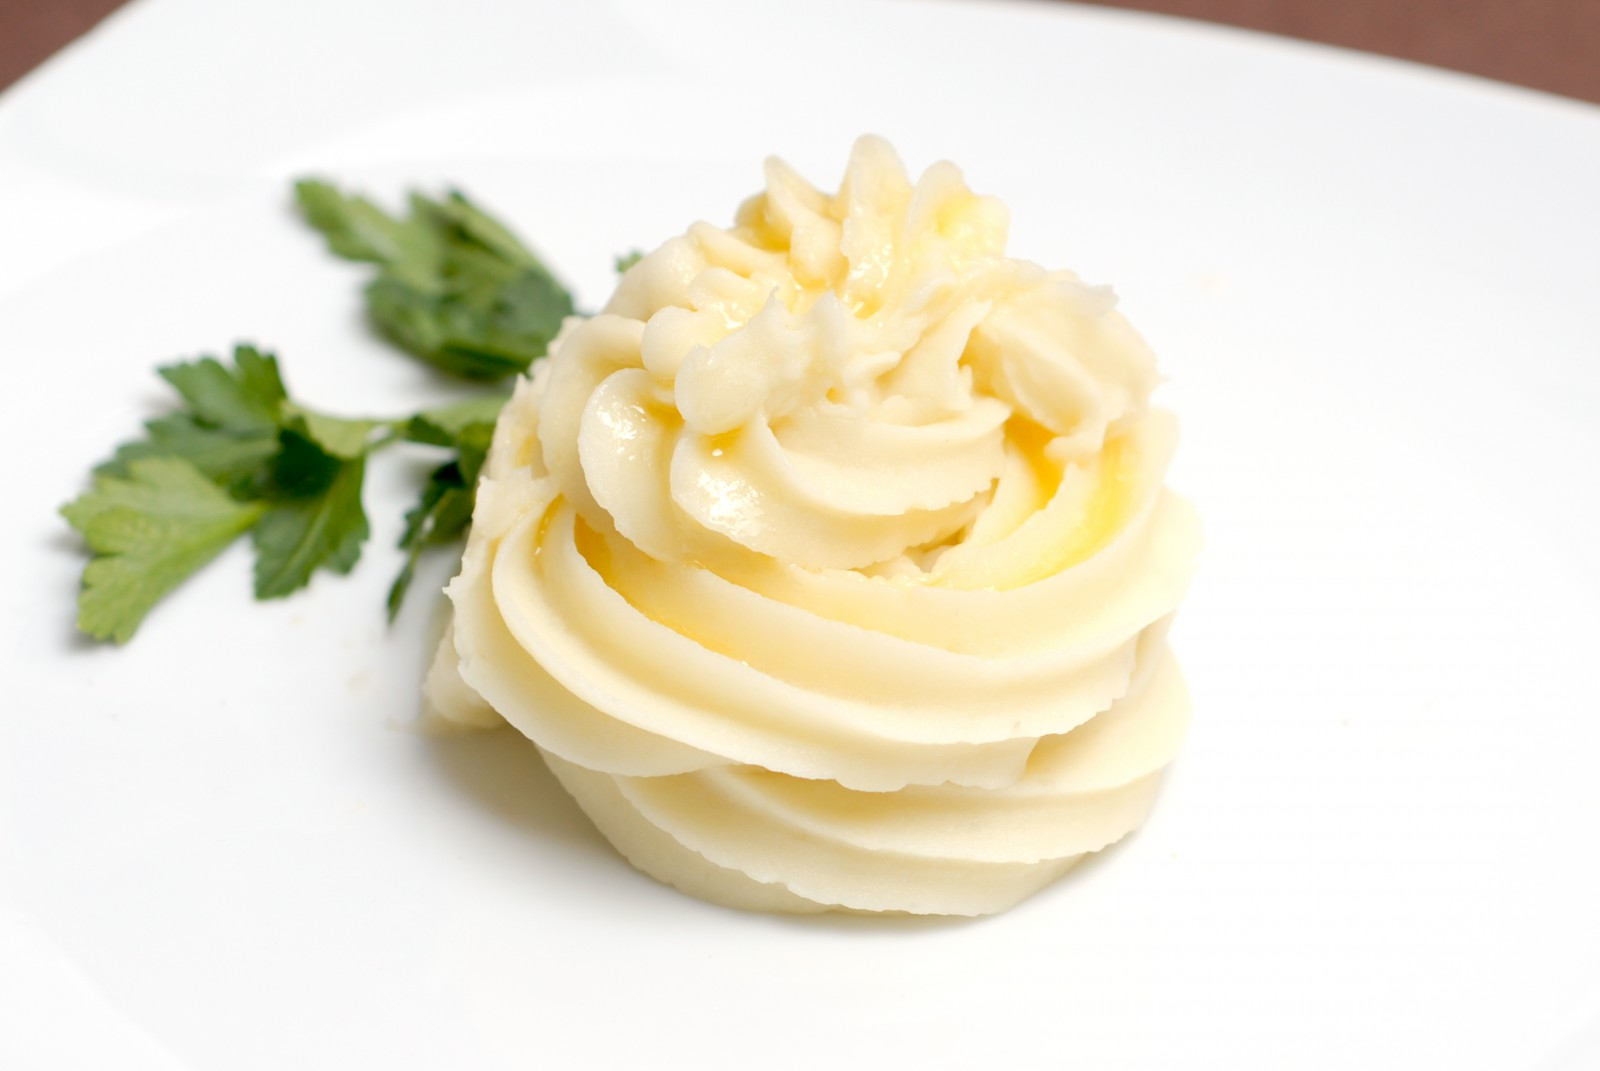 пенобетонных как красиво подать картофельное пюре фото освоения